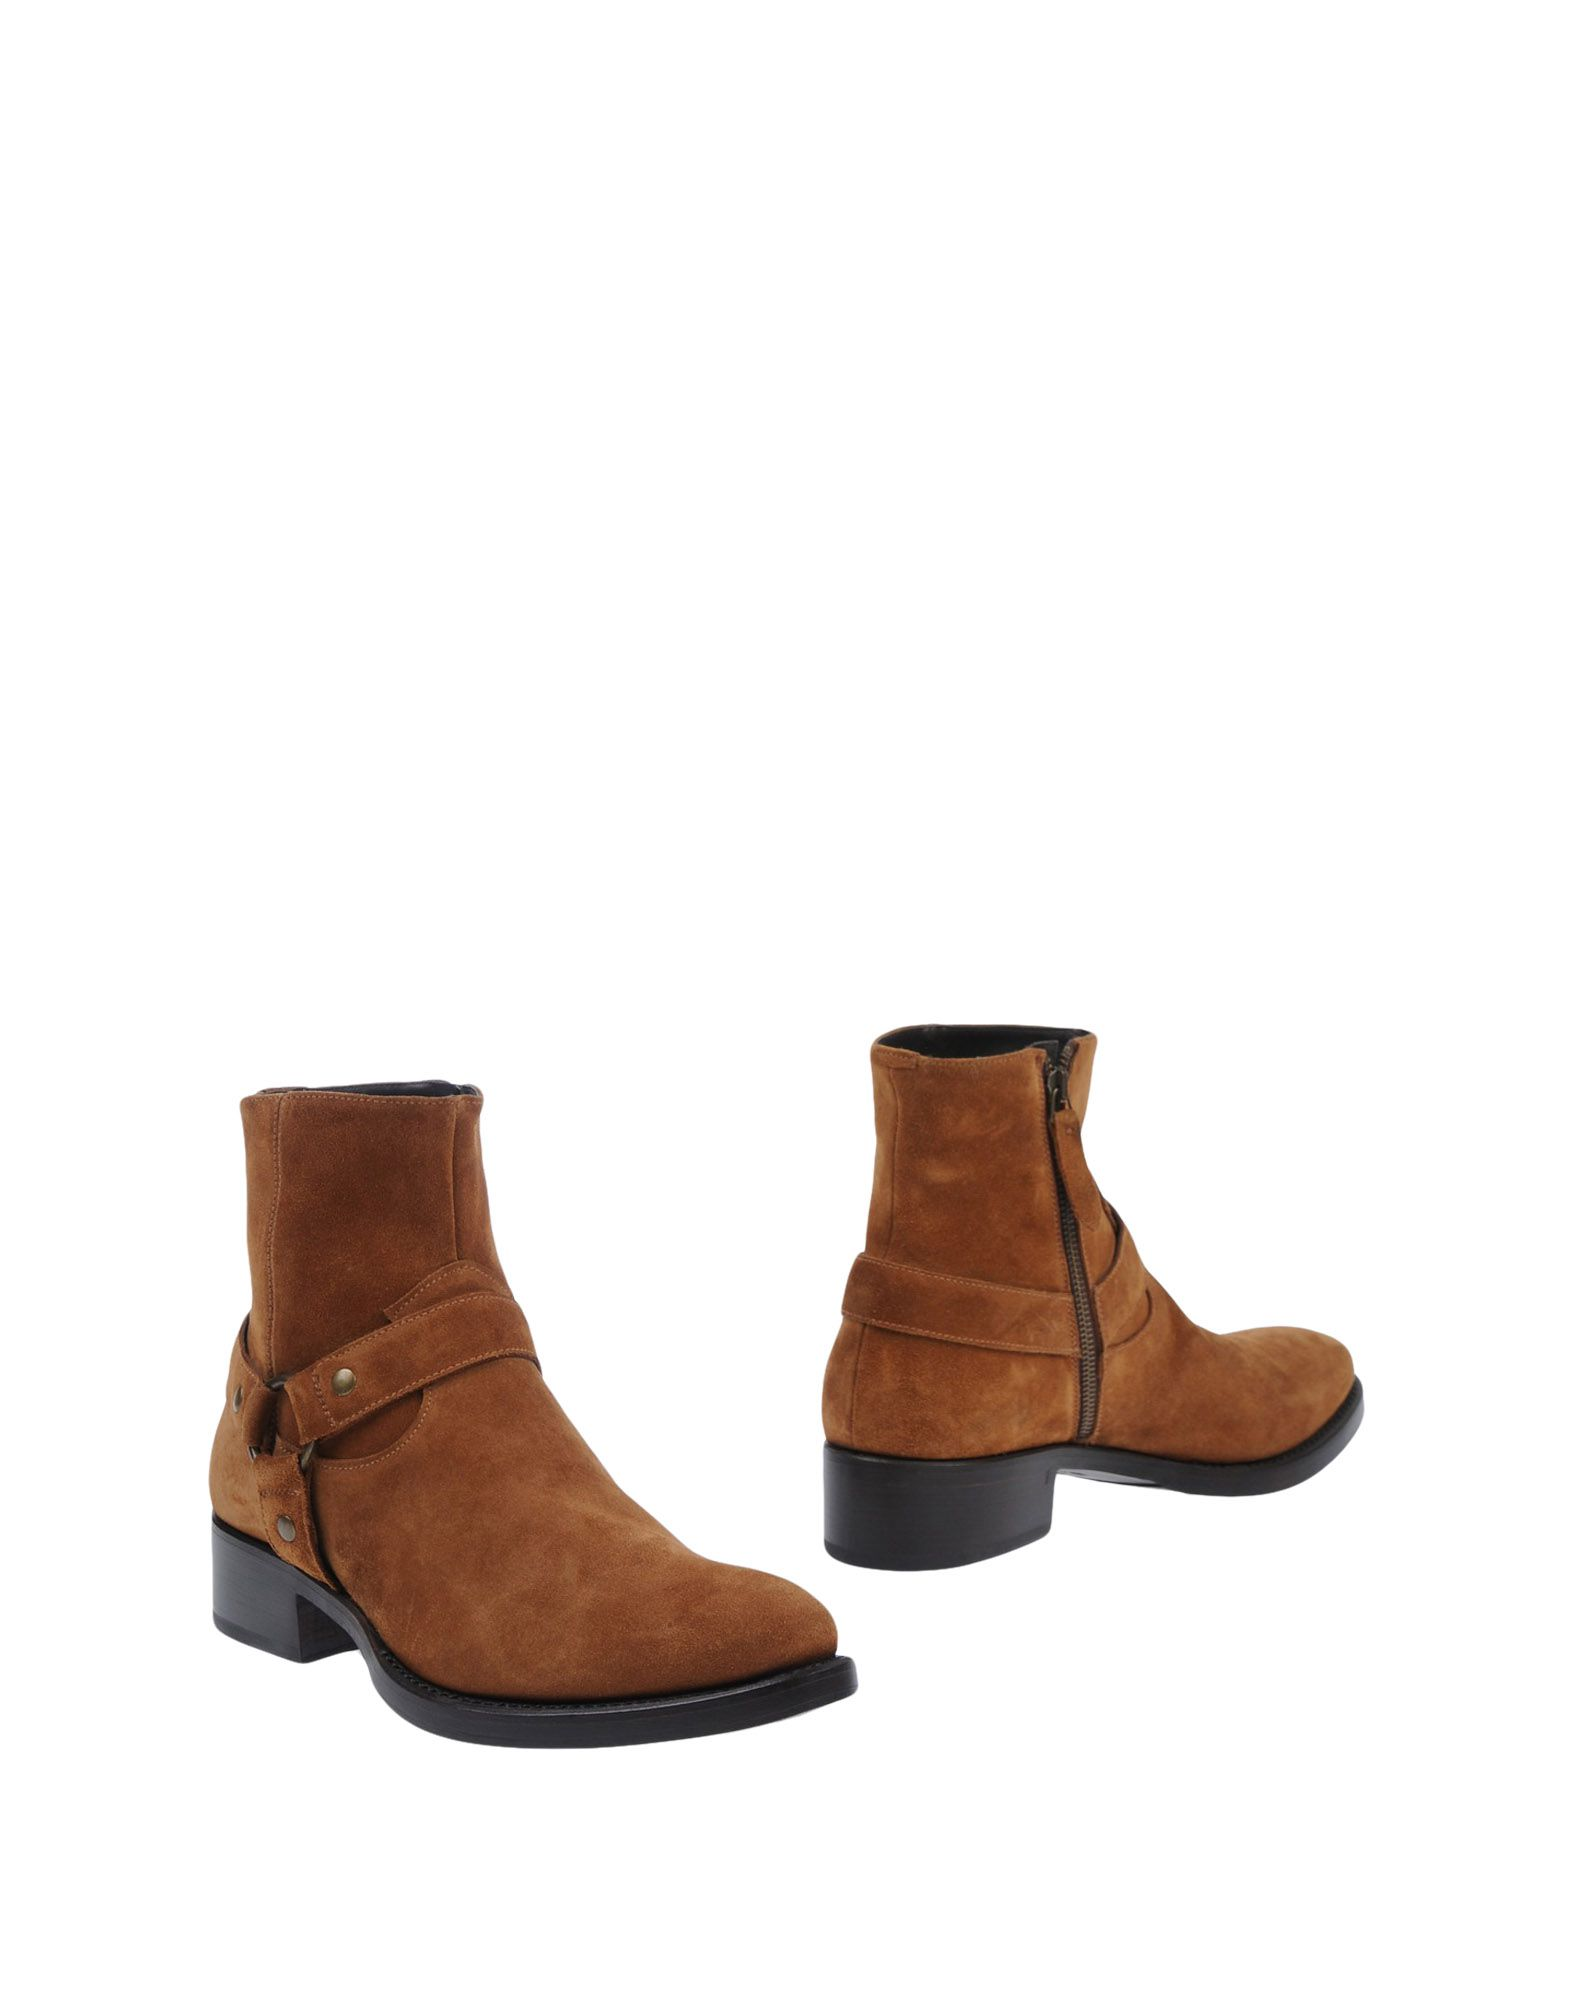 Raparo Stiefelette Herren  11509307JM Gute Qualität beliebte Schuhe